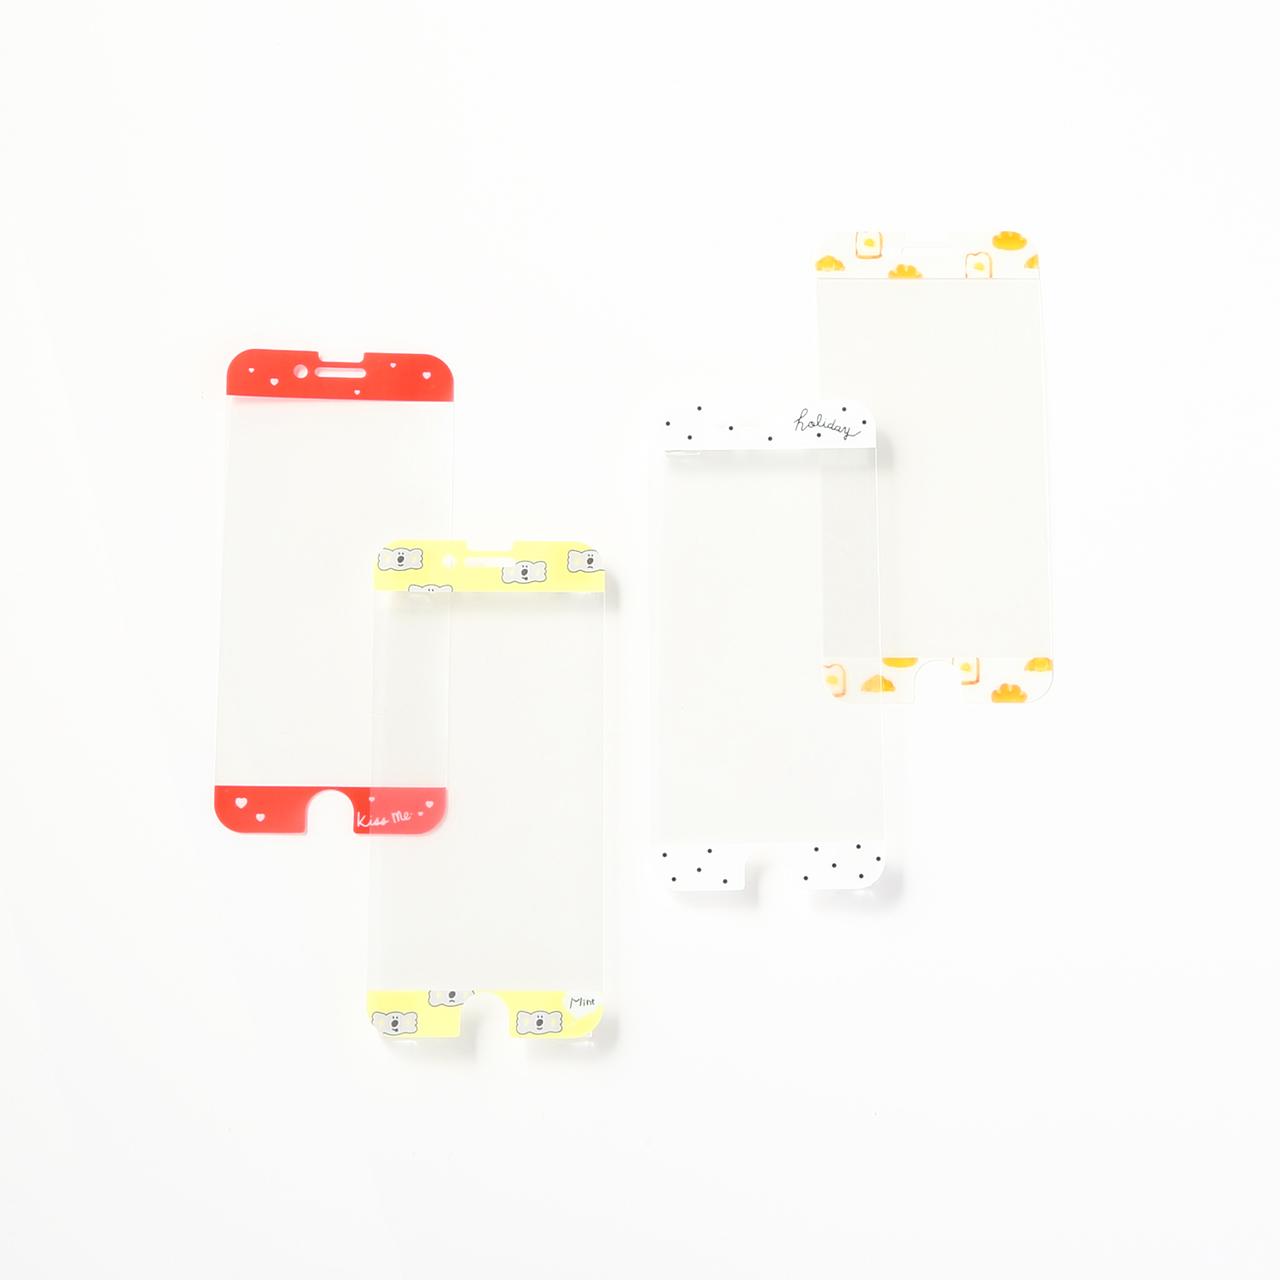 iPhone6/6S/7/8 液晶保護フィルム(ハート、コアラ、ドット、パン)各100円